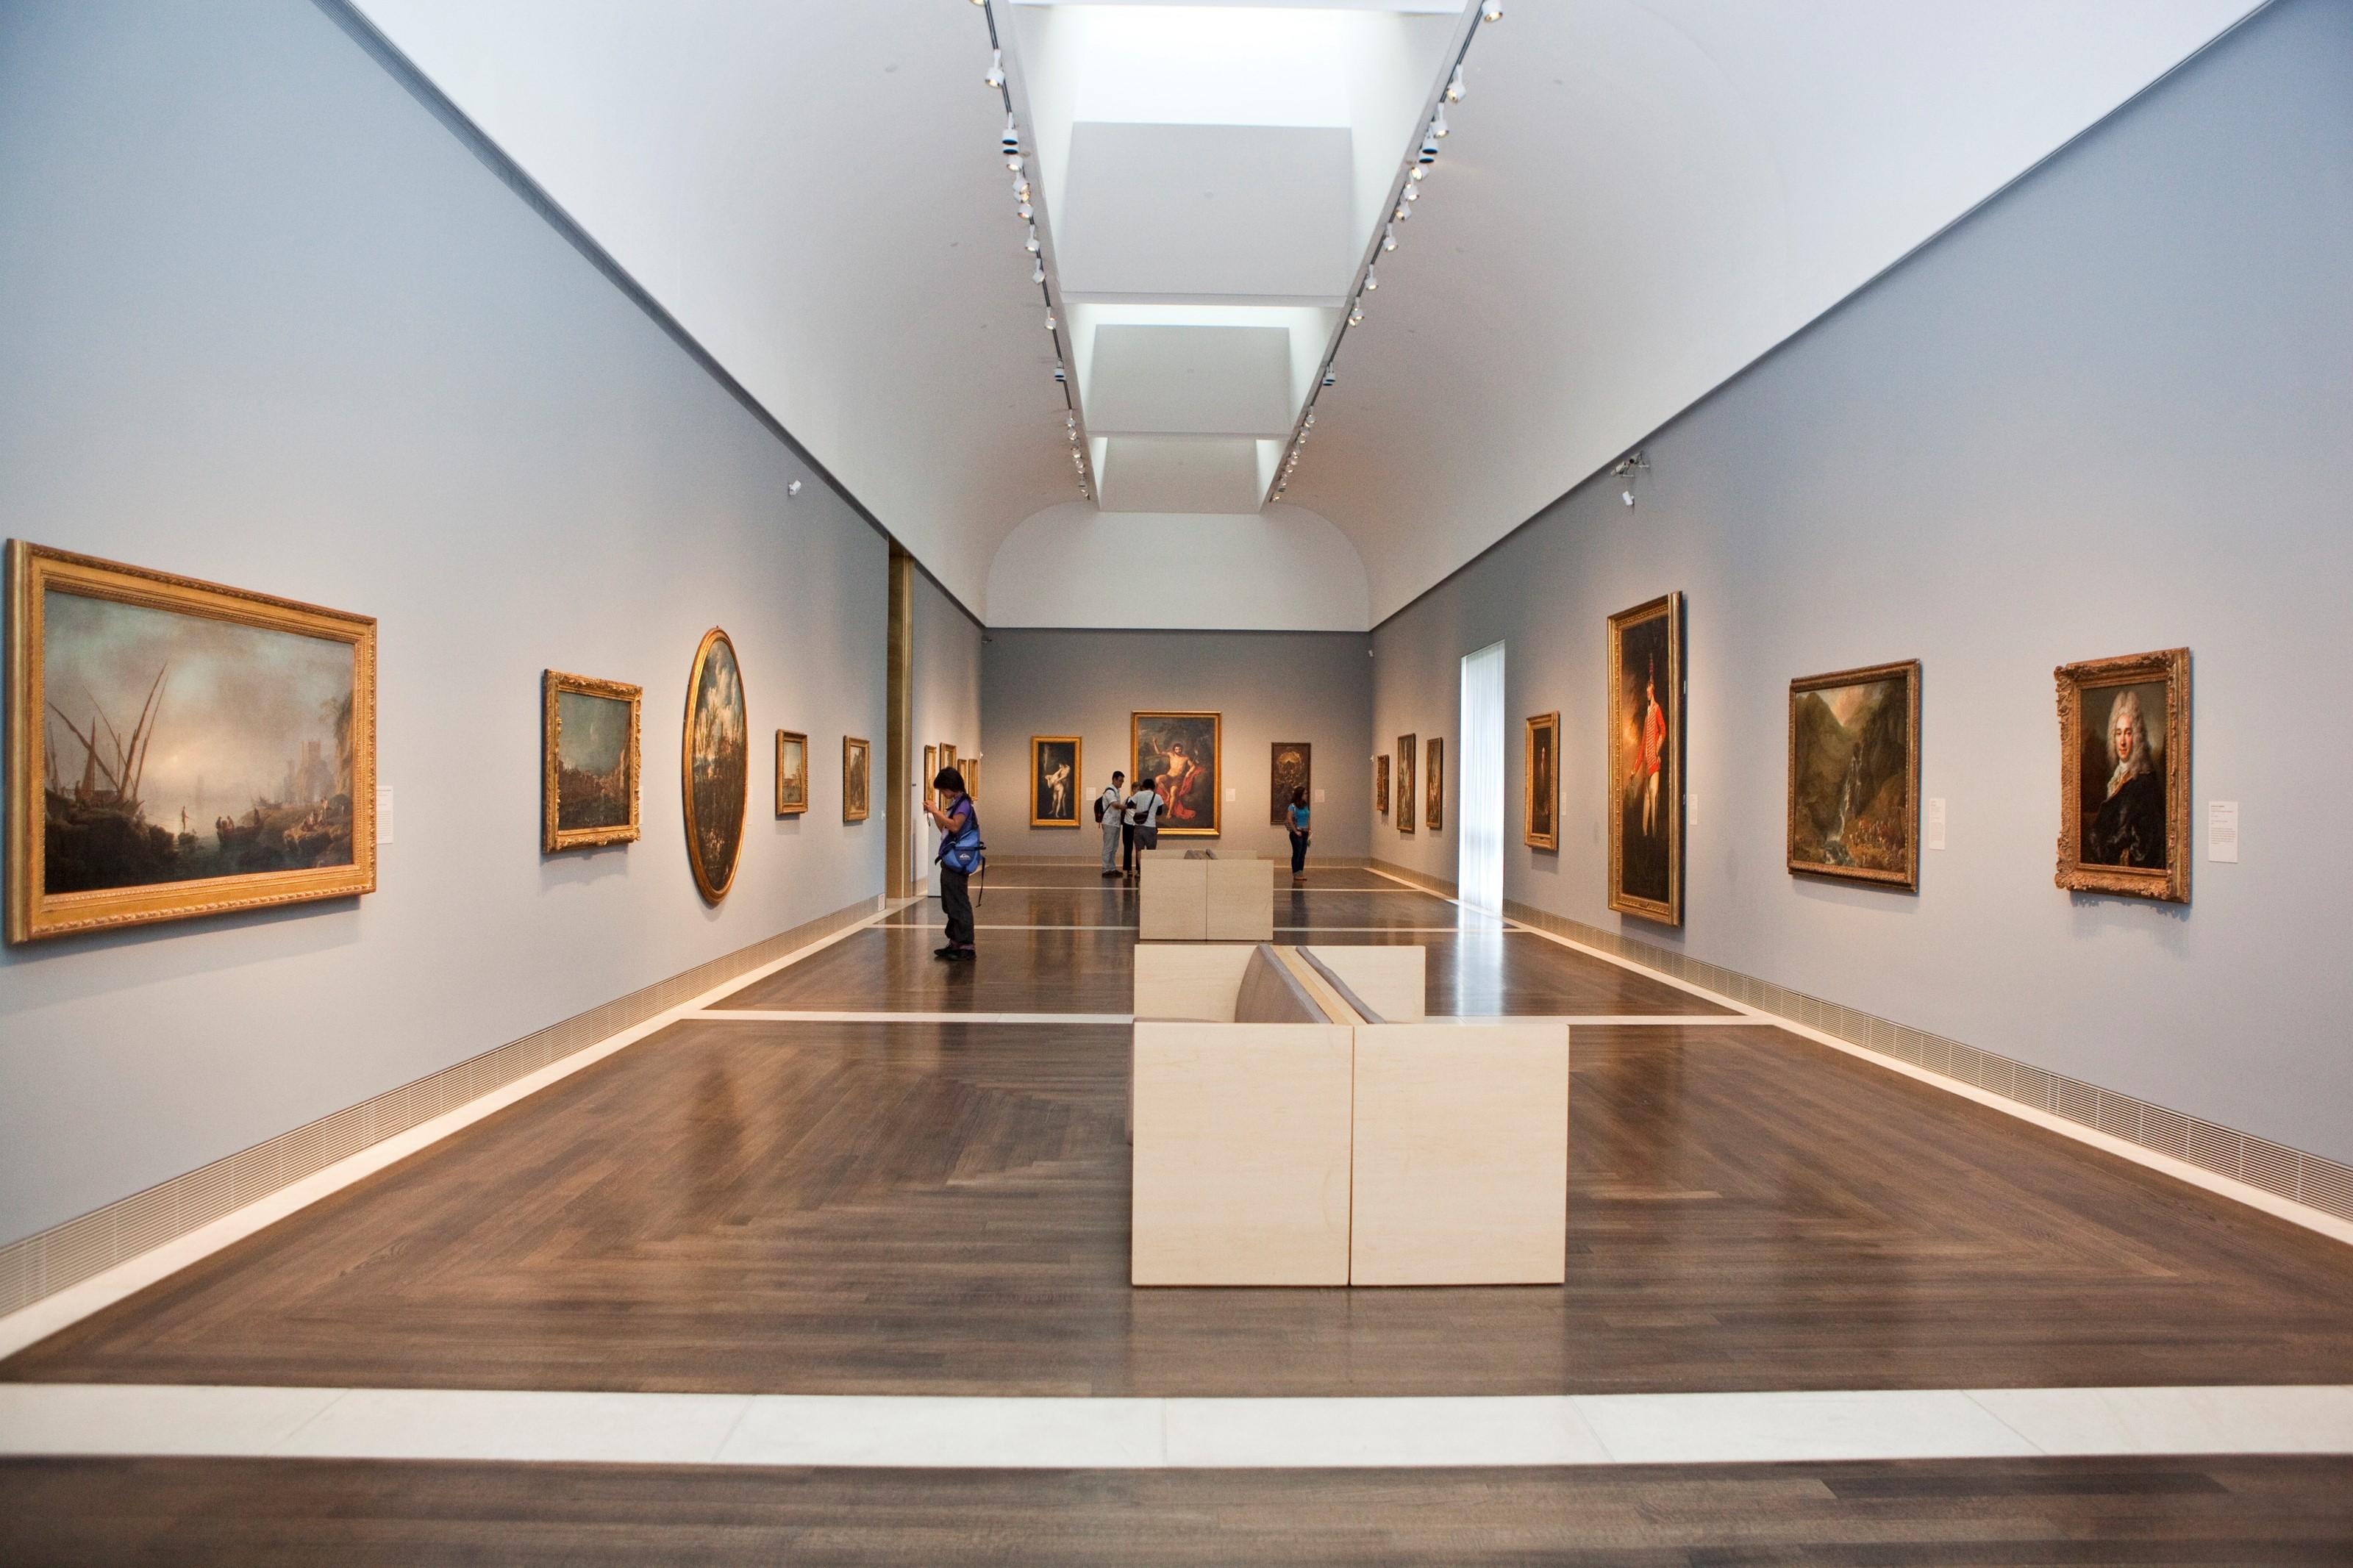 Museo.Informacion Sobre El Museo The Museum Of Fine Arts Houston